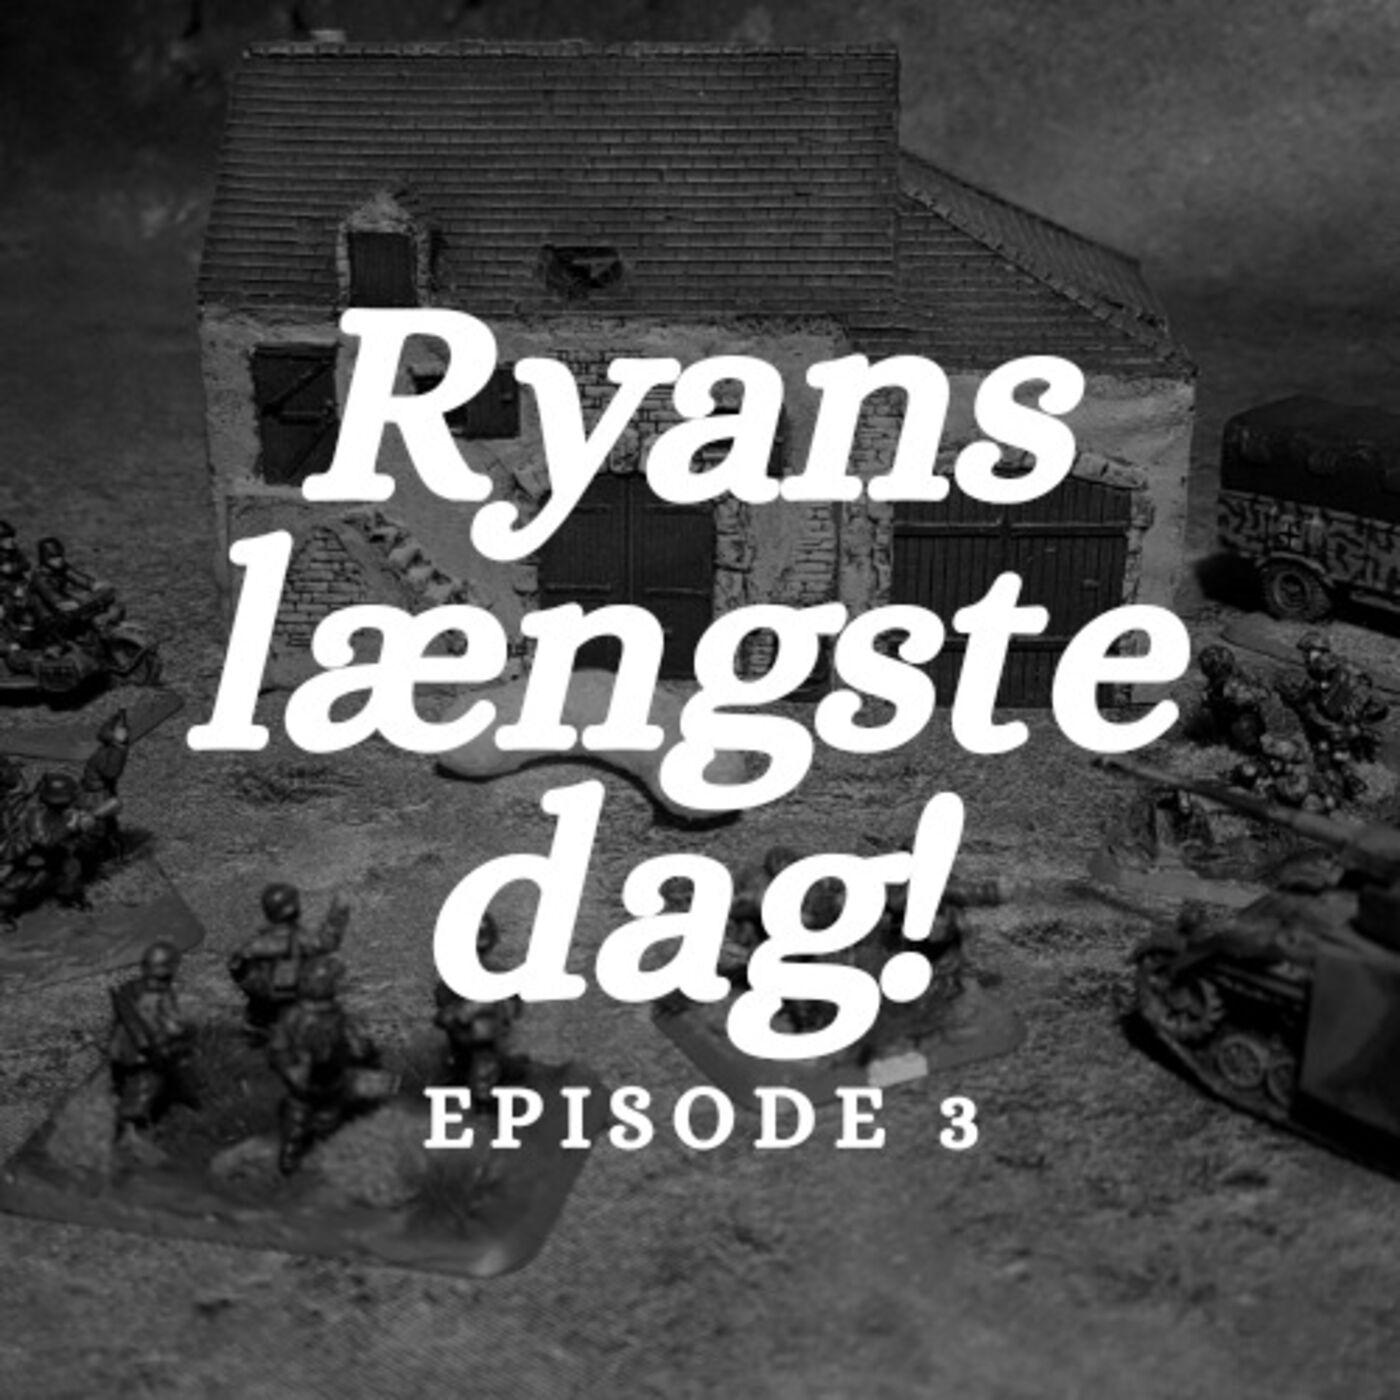 Episode 3 - Ryans Længste Dag